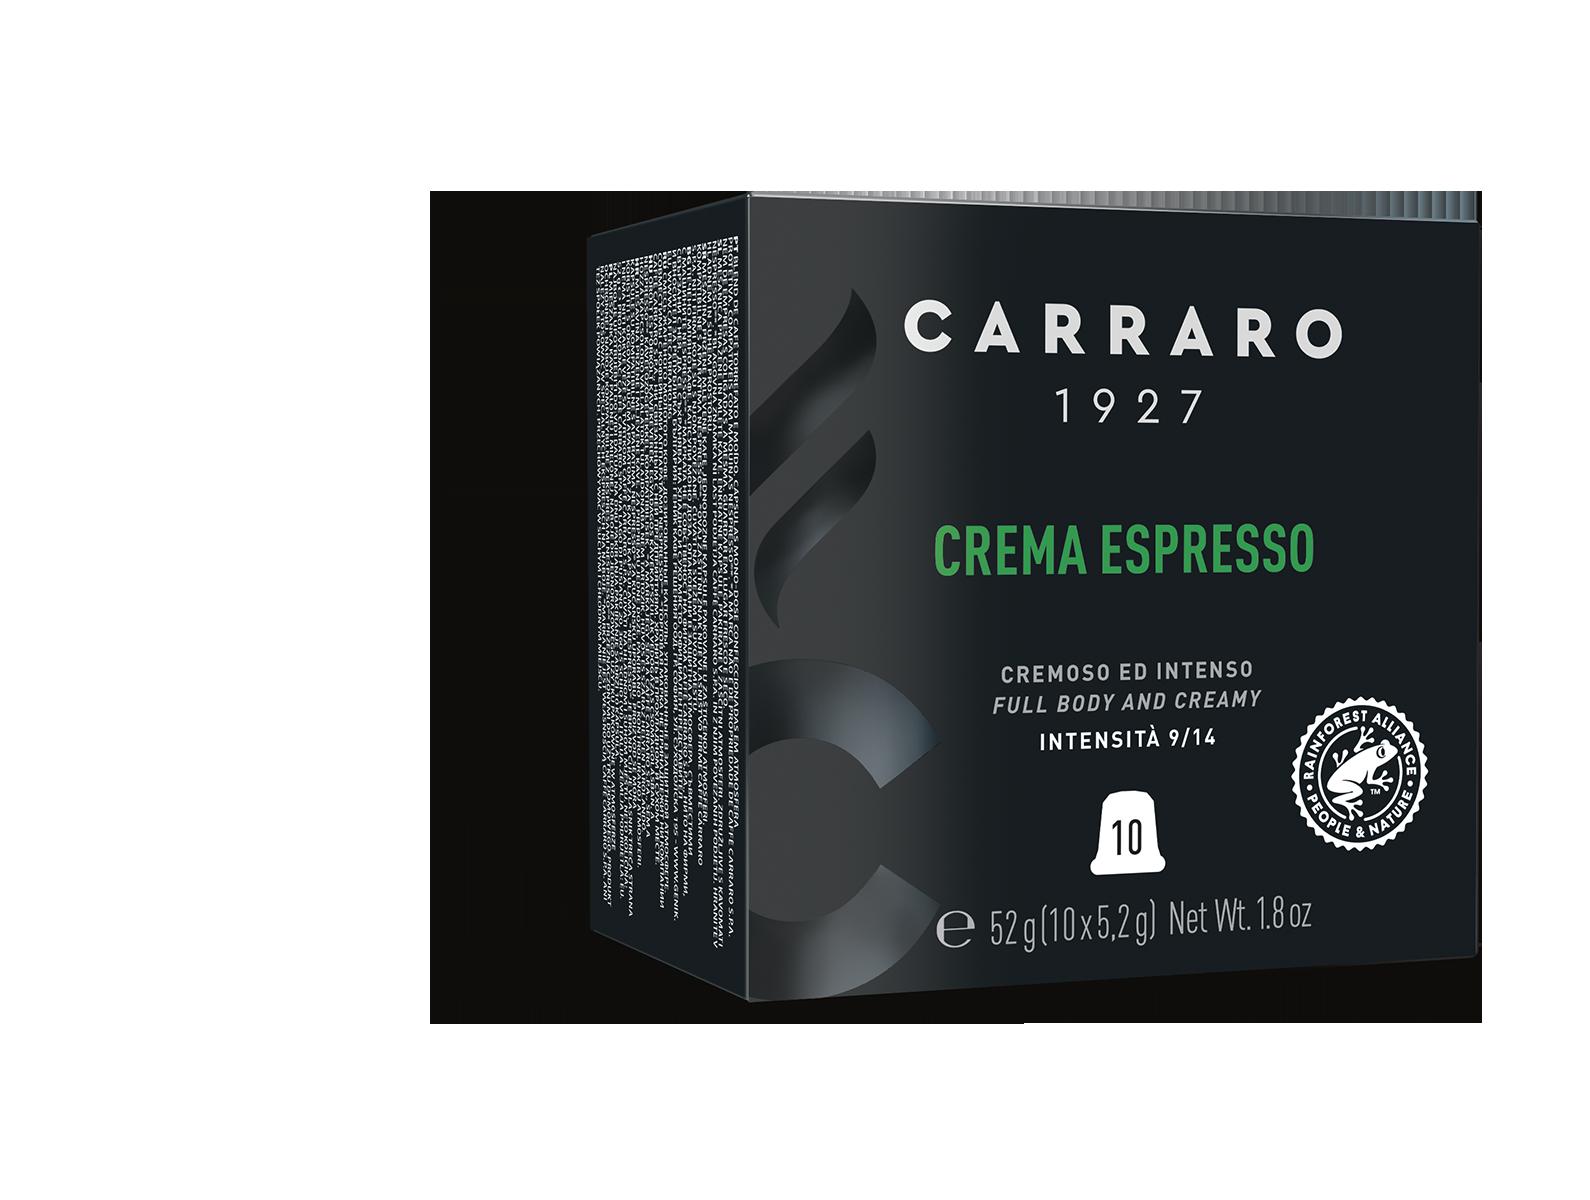 Crema Espresso – 10 capsule premium in astuccio cubo